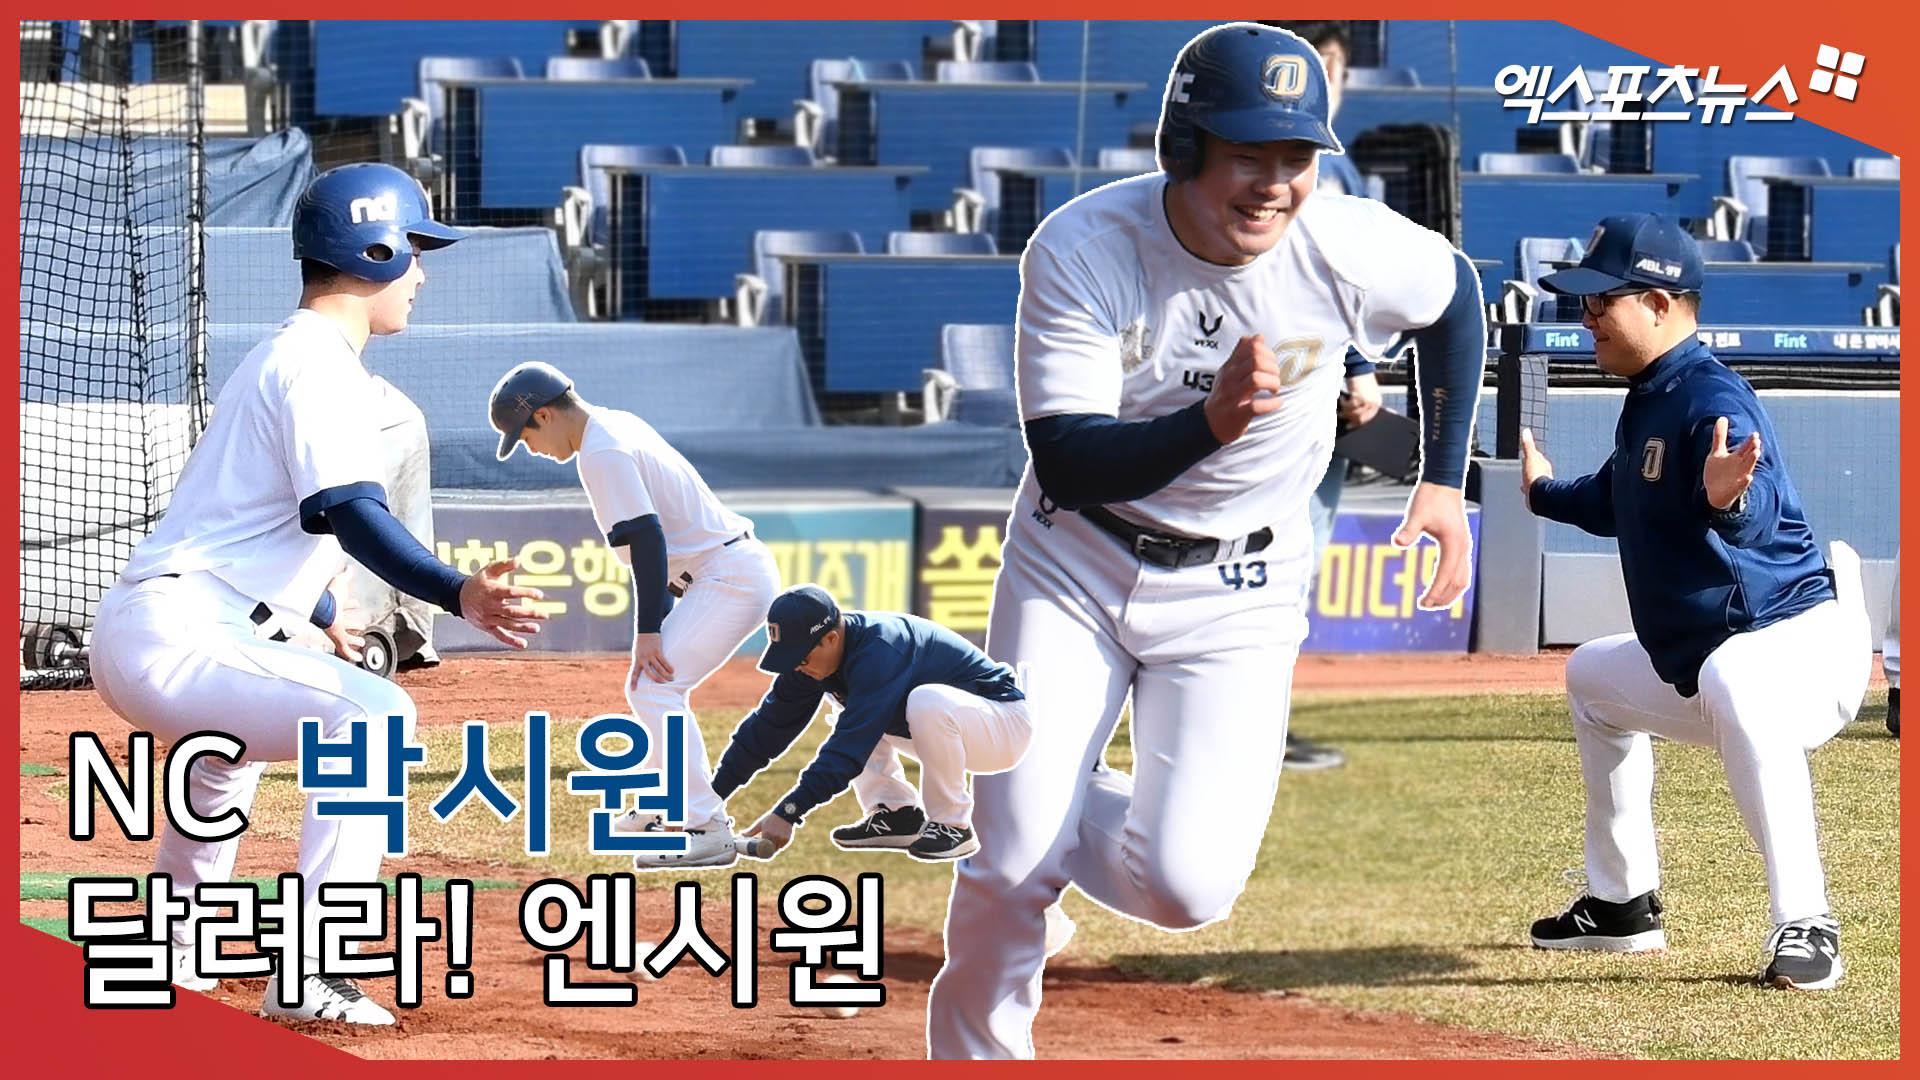 '포스트 나성범' 꿈꾸는 NC 유망주, 달려라! 엔시원[엑's 스케치]